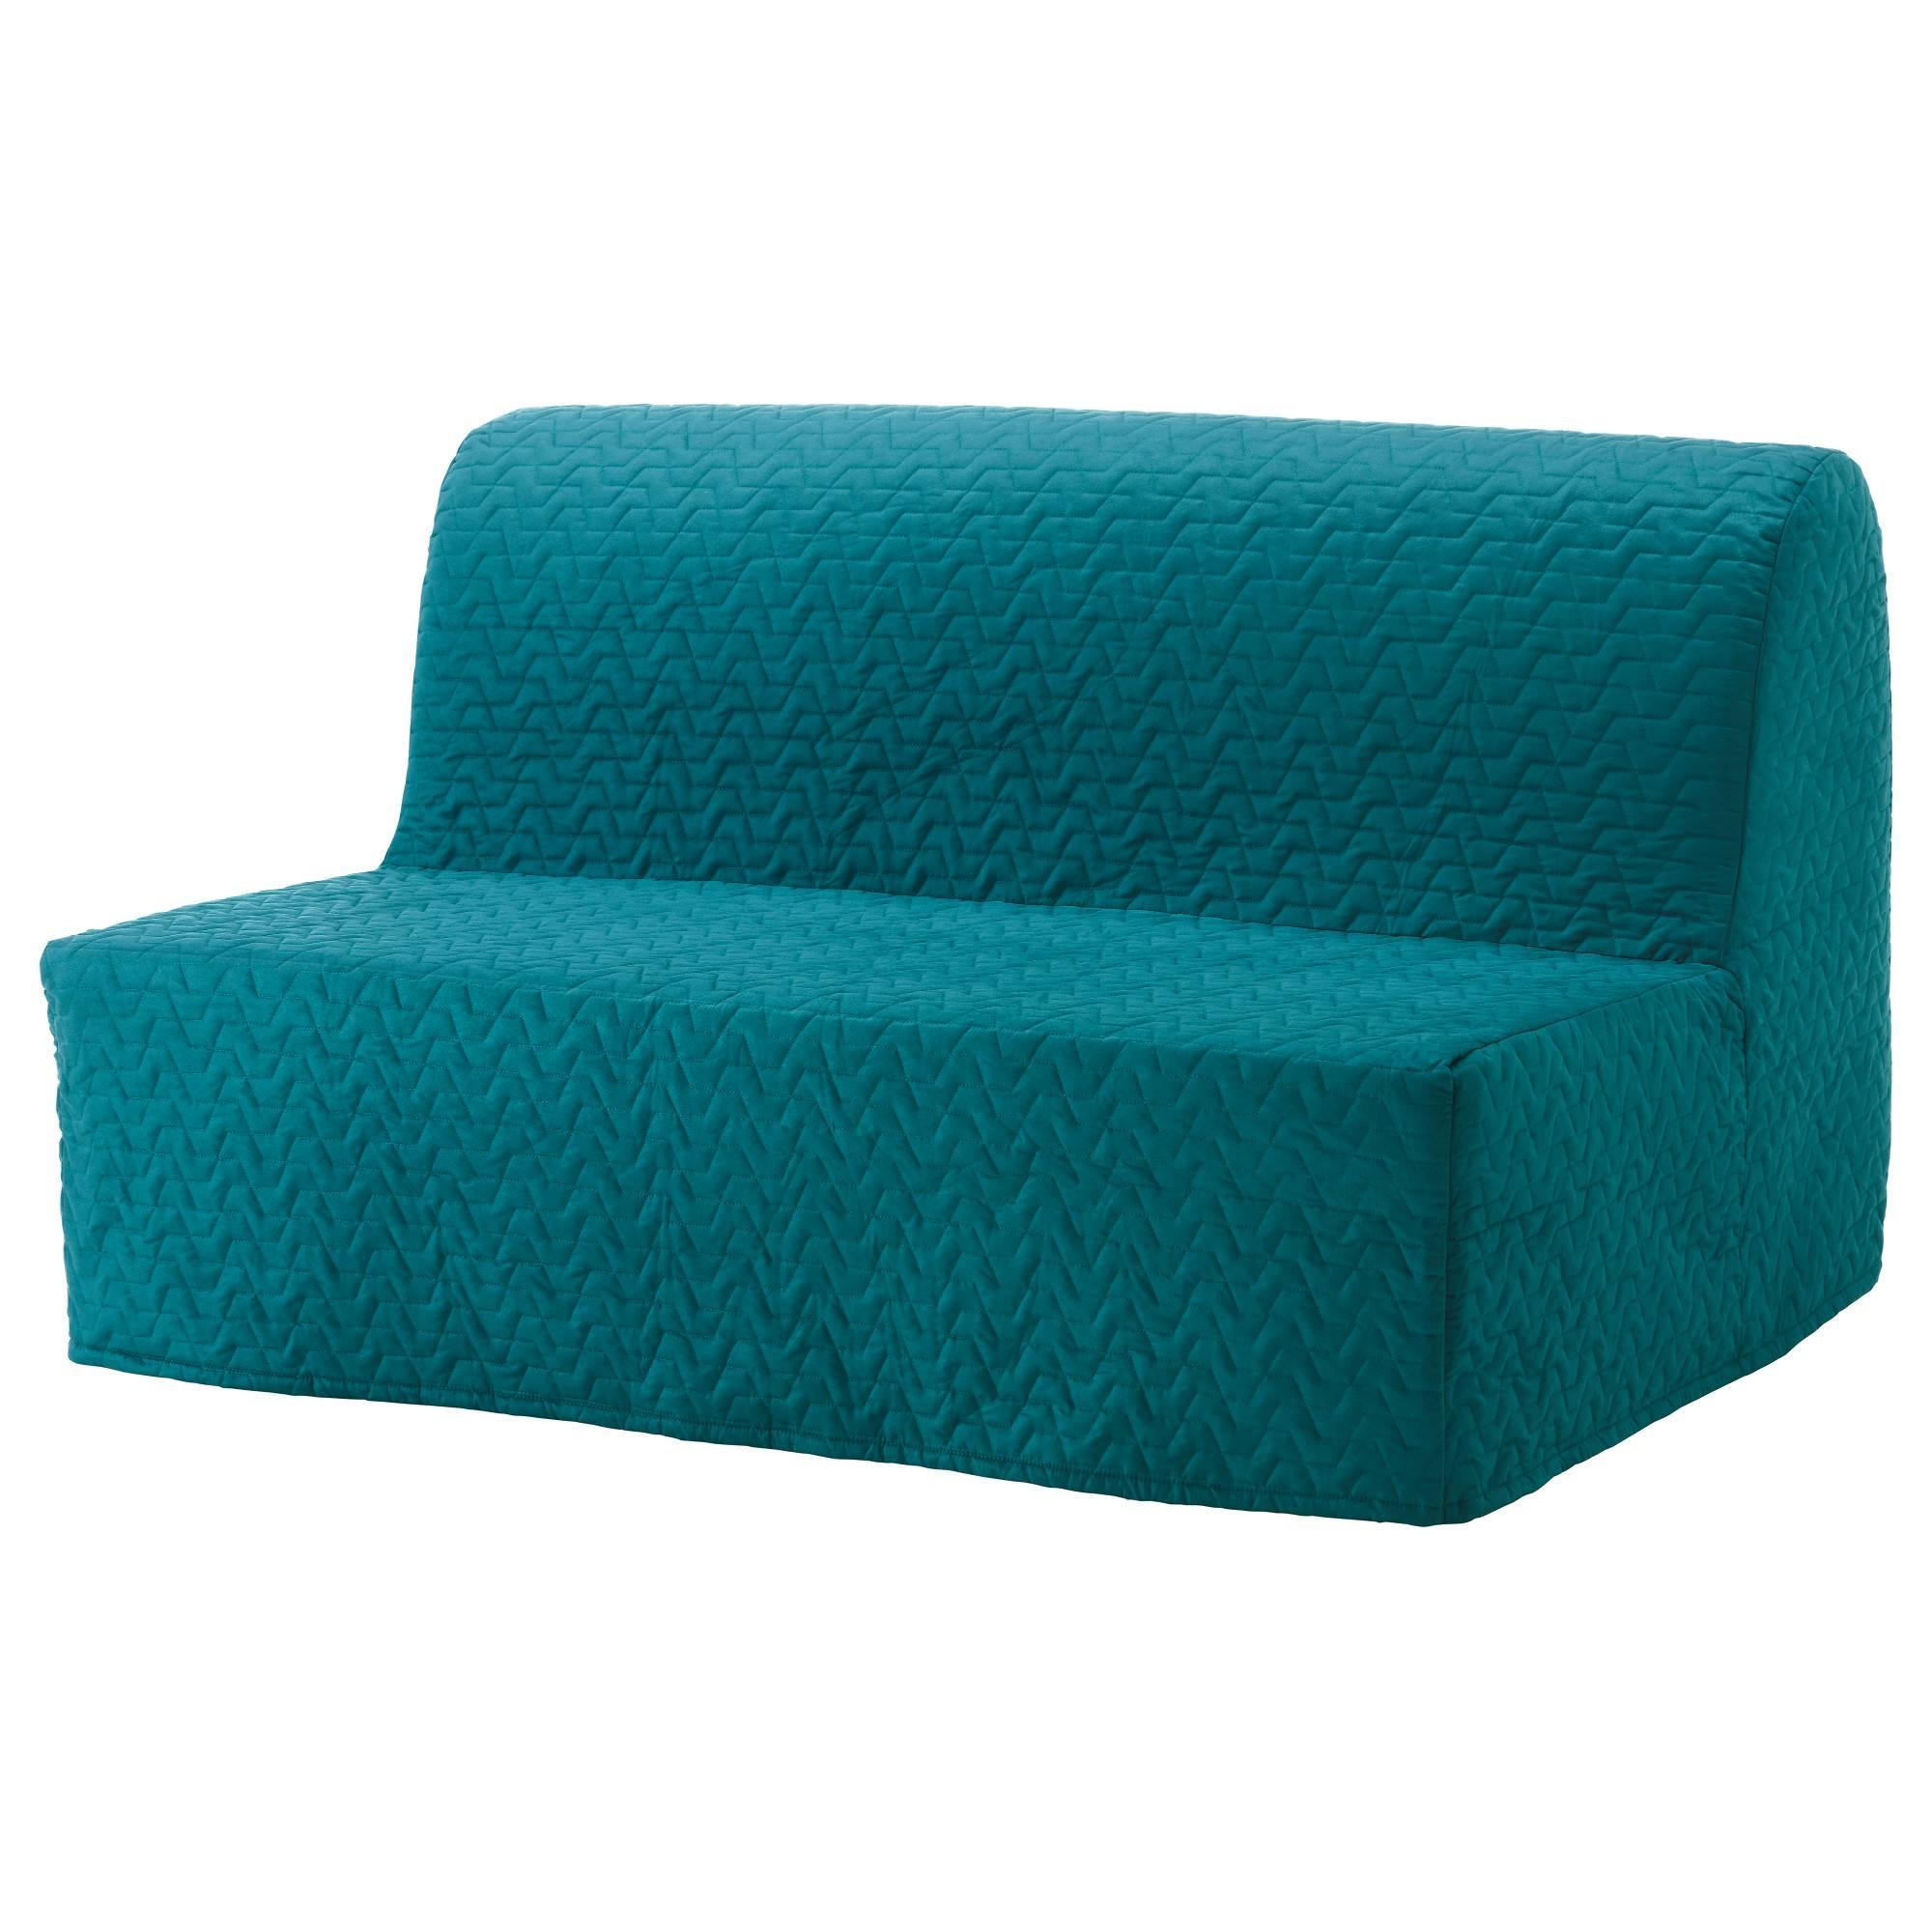 Sofa Beds & Futons | Ikea throughout Aqua Sofa Beds (Image 28 of 30)